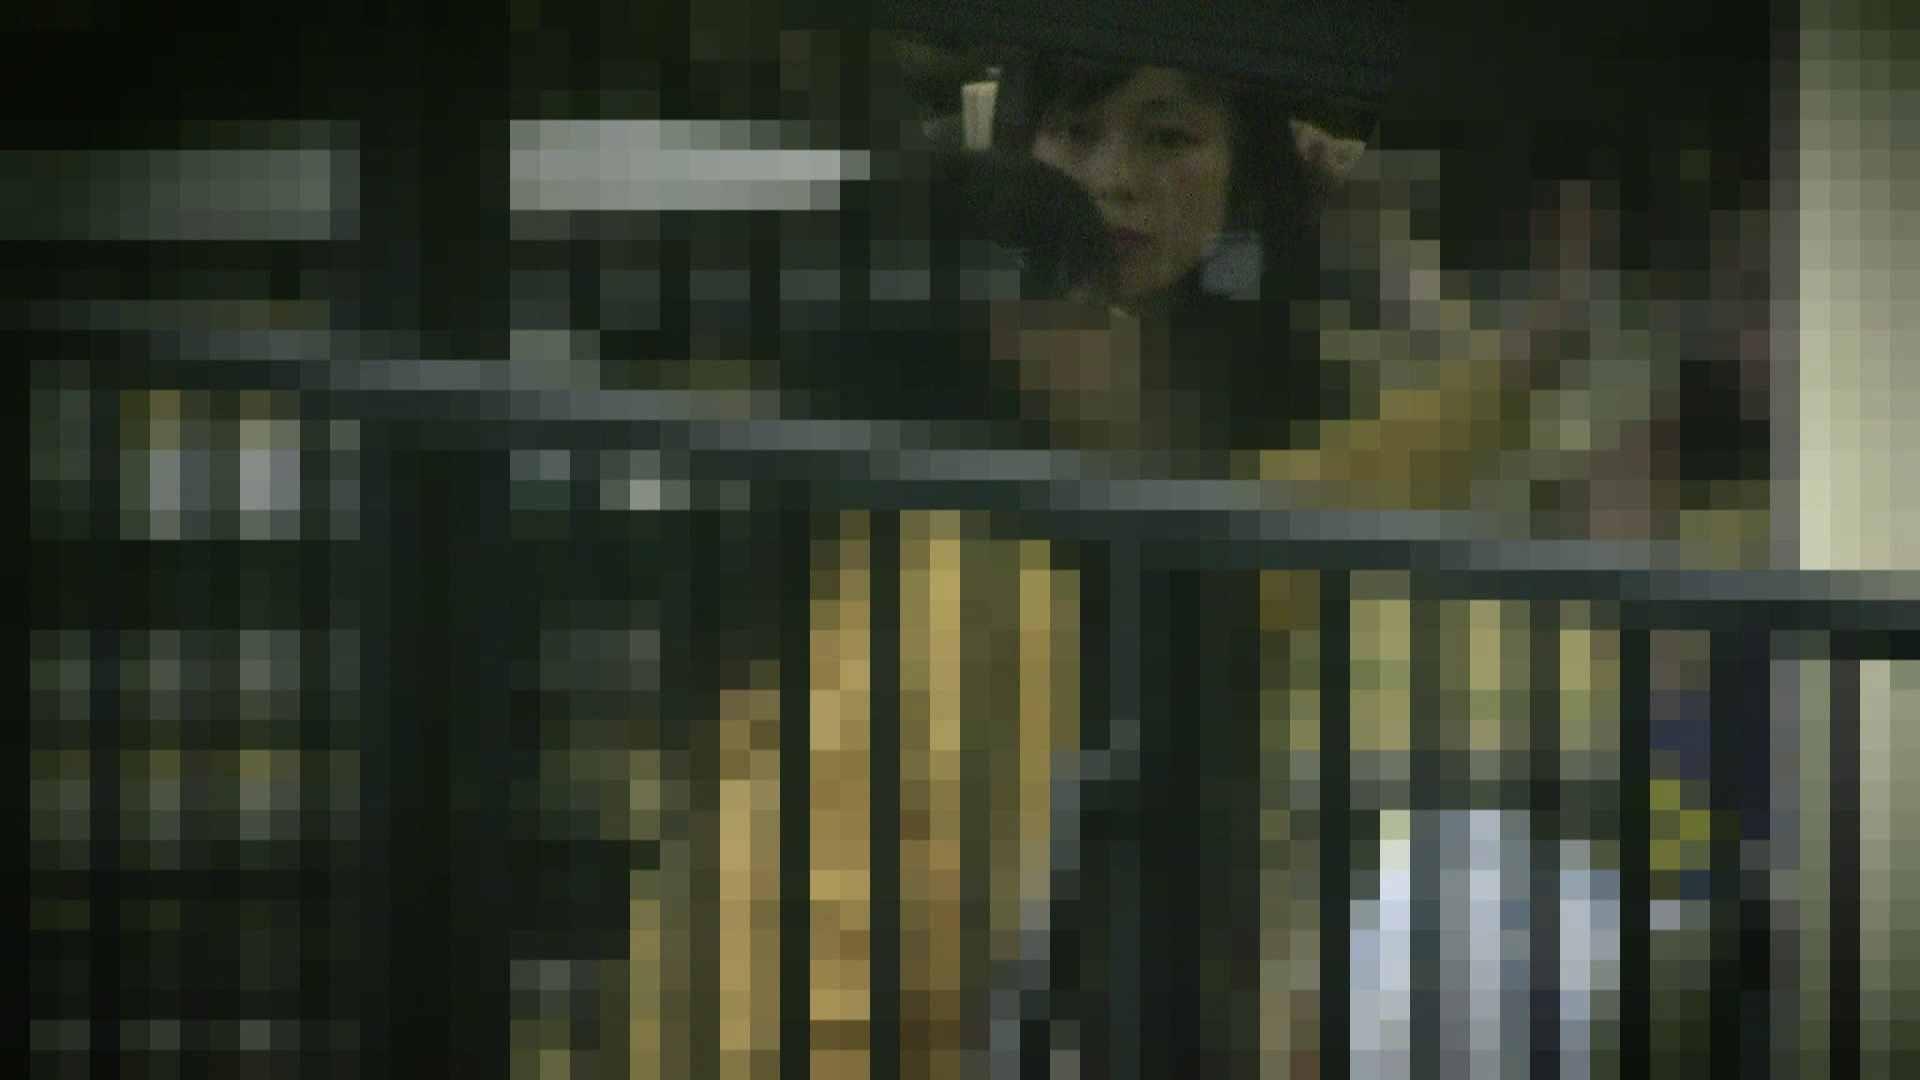 高画質露天女風呂観察 vol.006 女風呂 | 望遠映像  98PIX 67